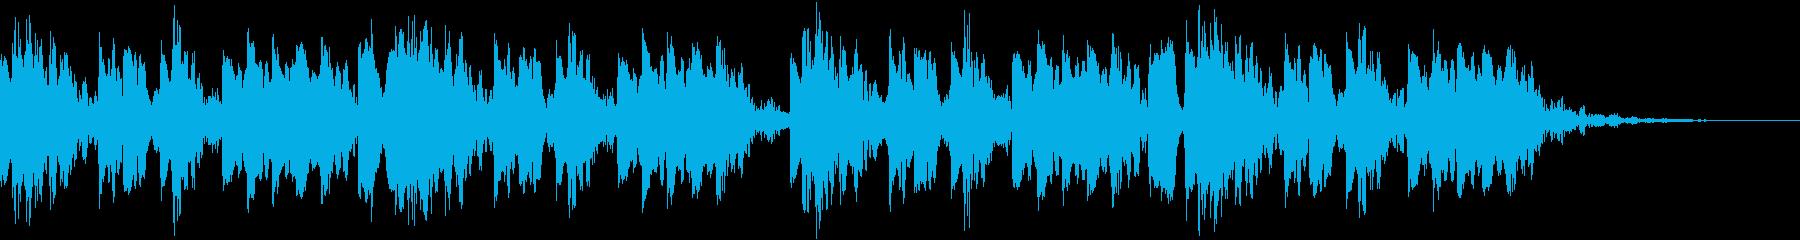 陽気で爽やかな着信音2の再生済みの波形